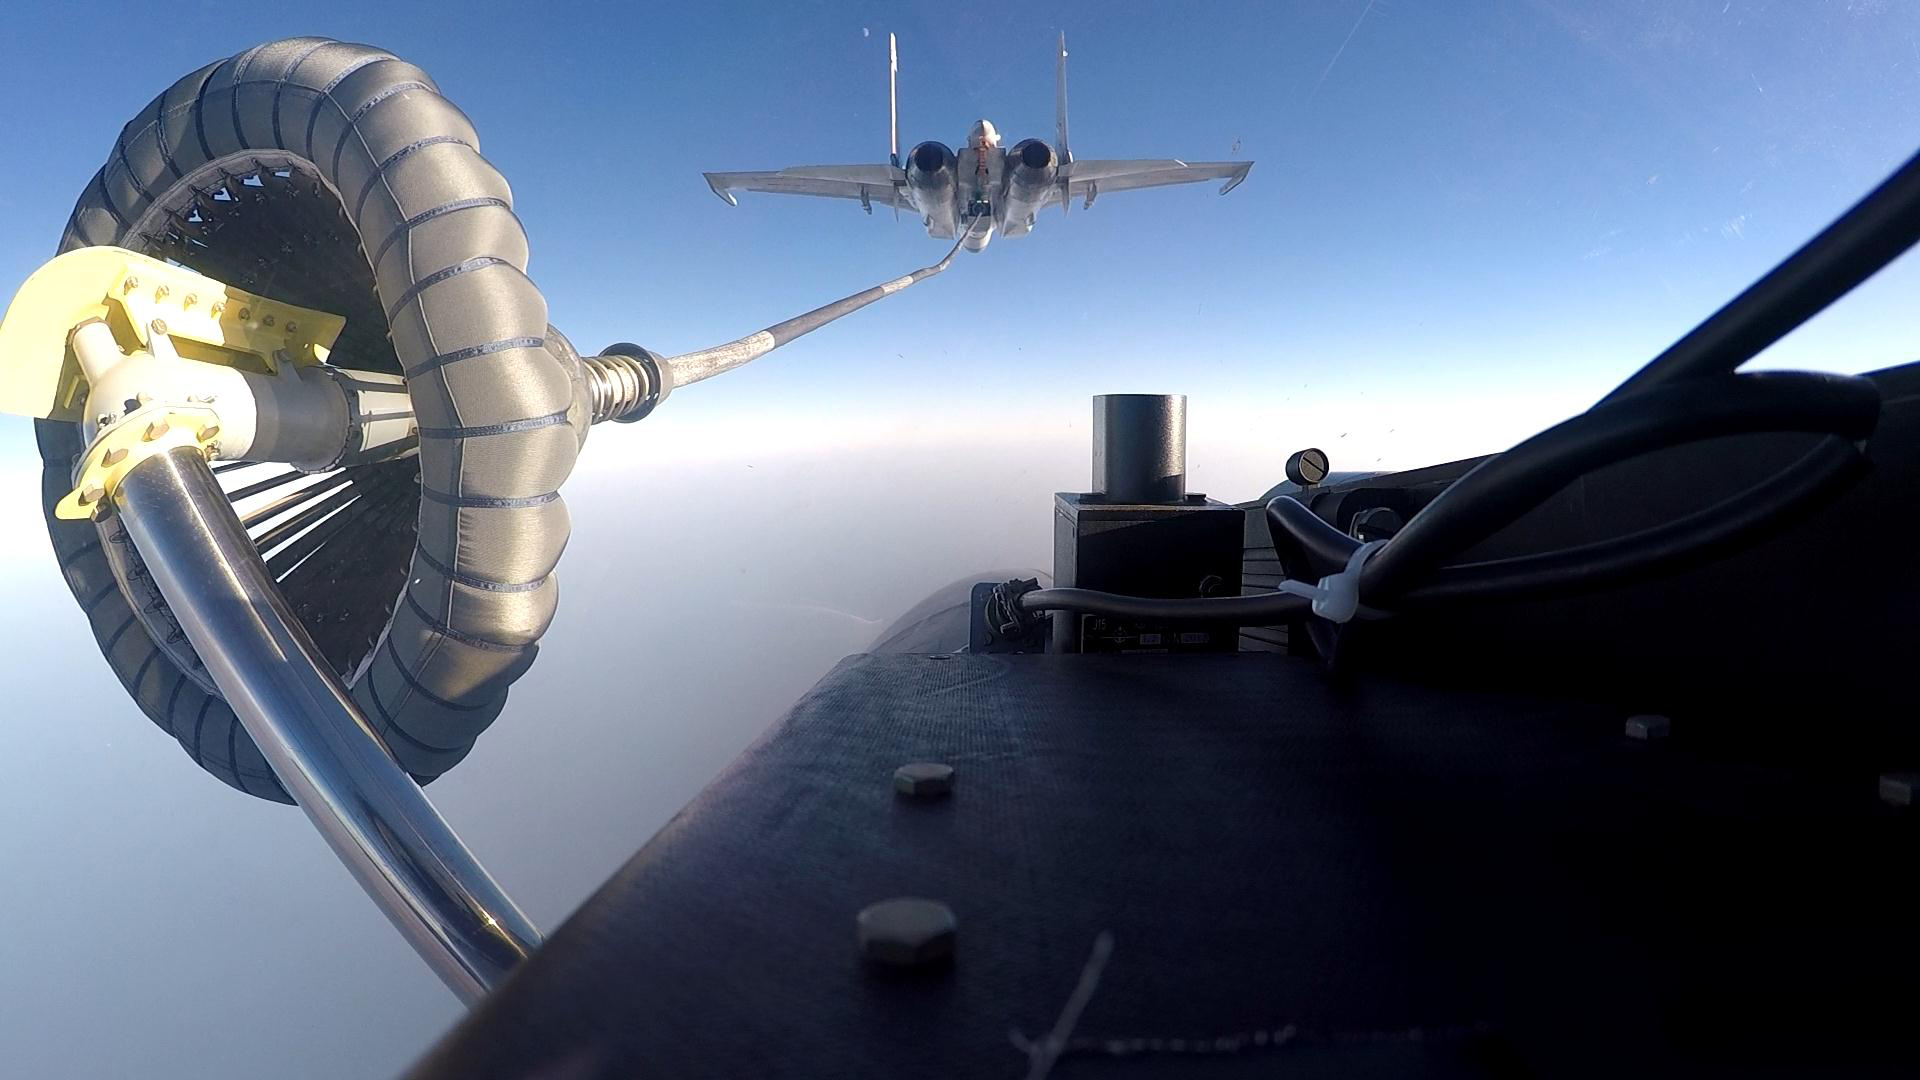 奋飞在新时代的海天——海军某舰载航空兵部队备战打仗记